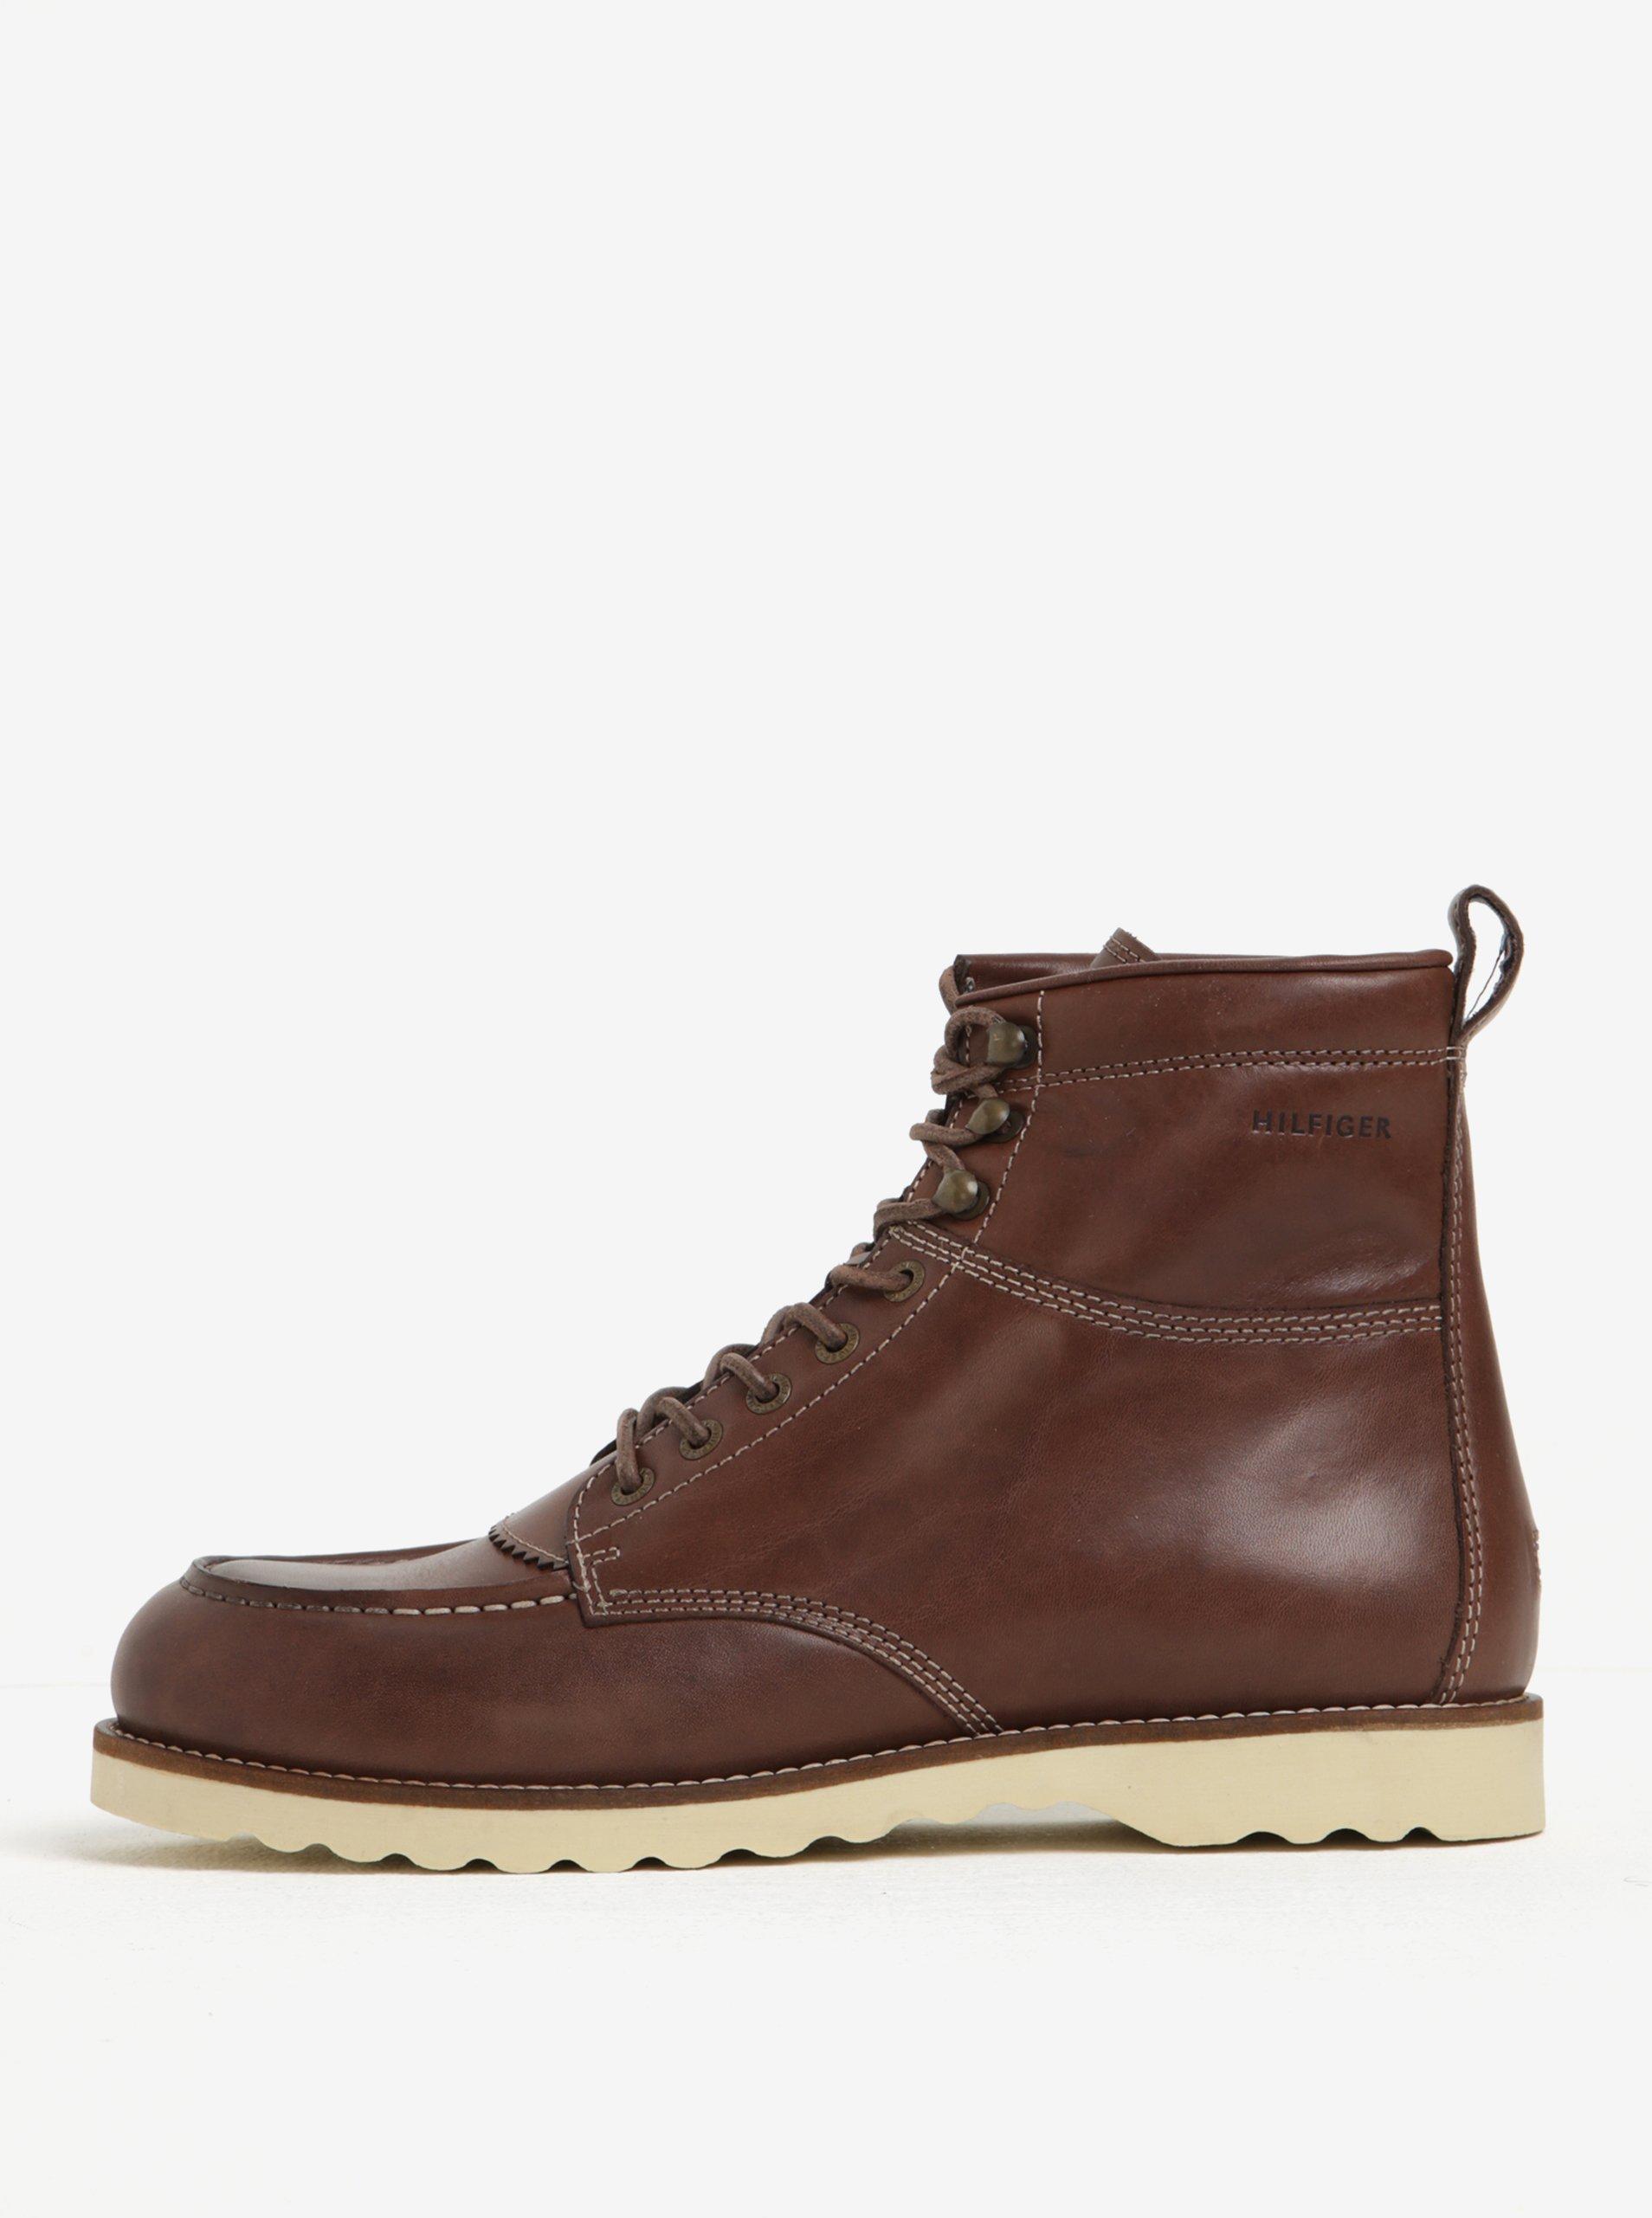 Tmavě hnědé pánské kožené kotníkové boty Tommy Hilfiger Rudy